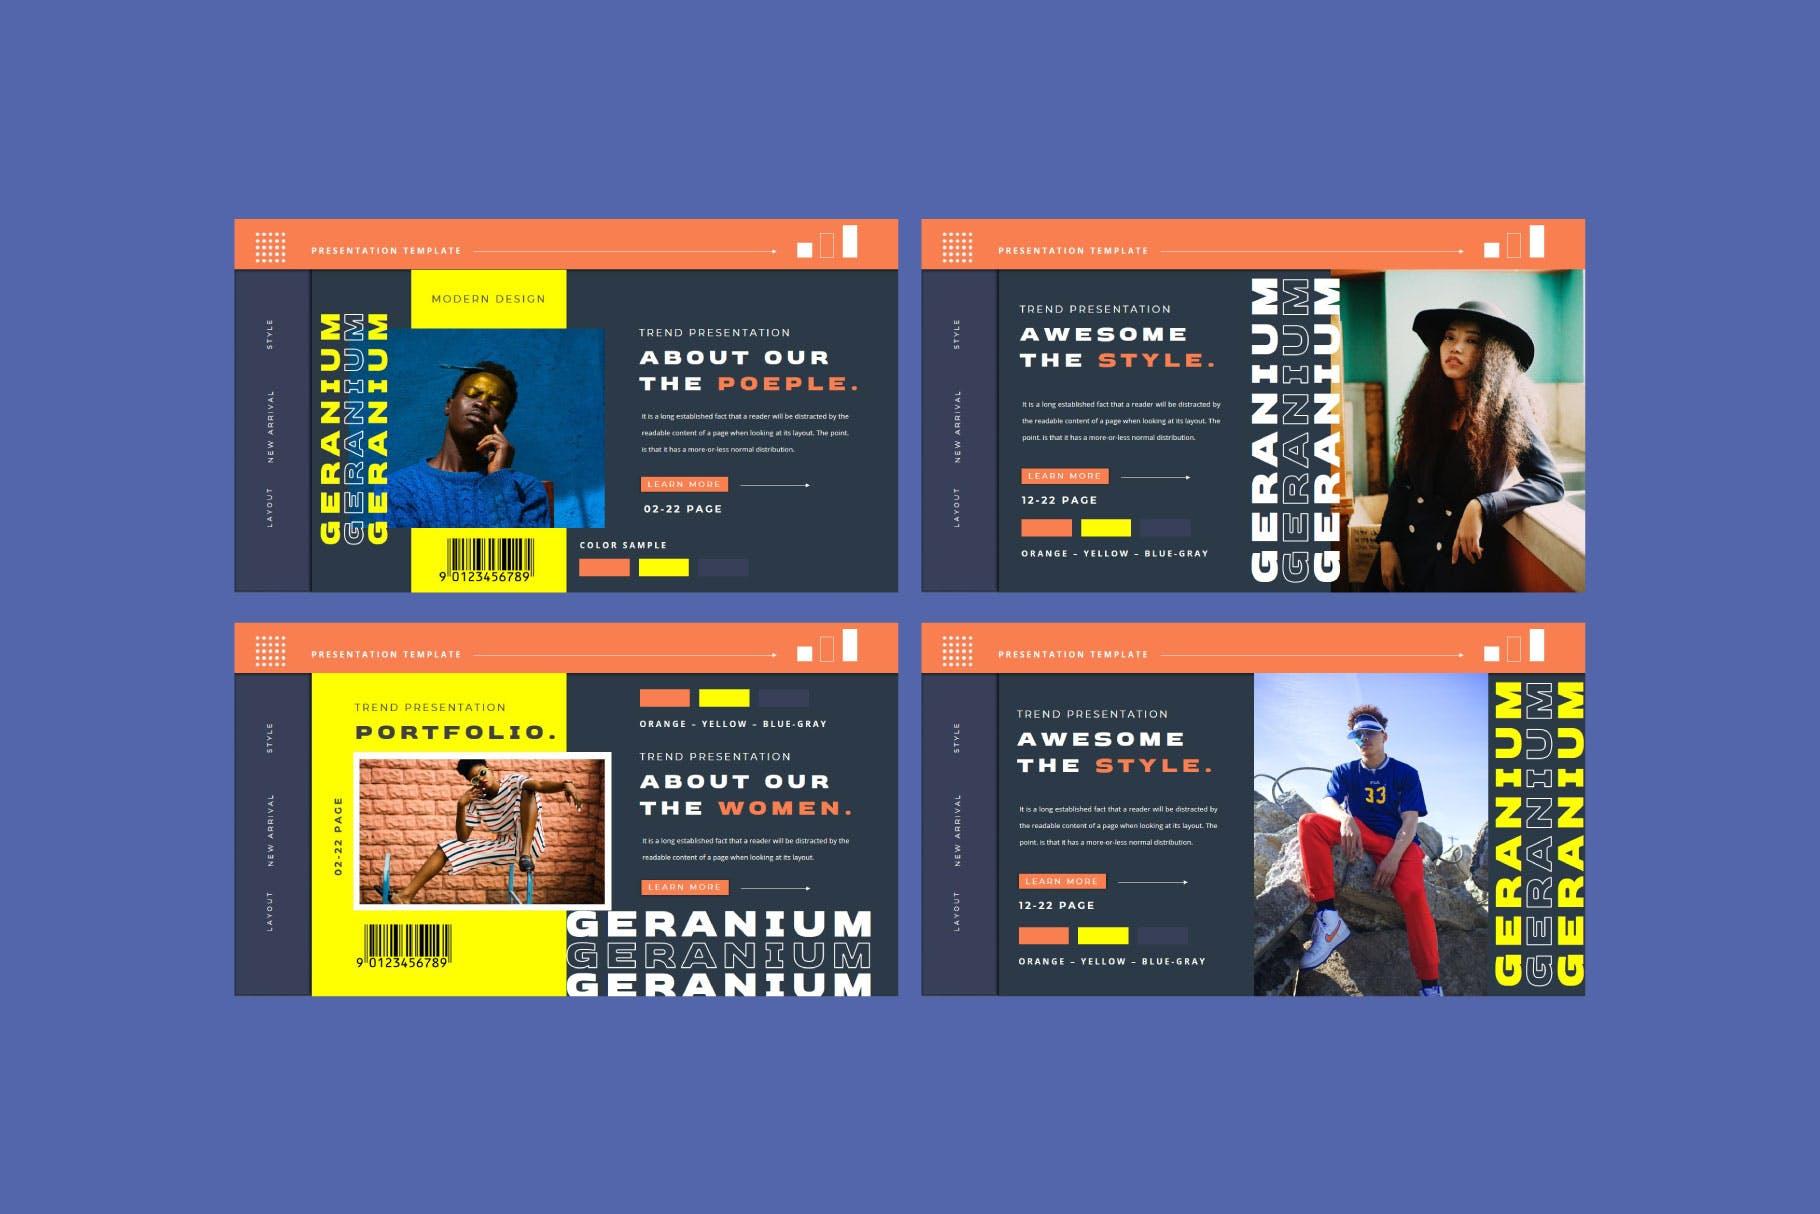 潮流品牌营销提案简报作品集设计模板 GERANIUM Powerpoint Template插图6